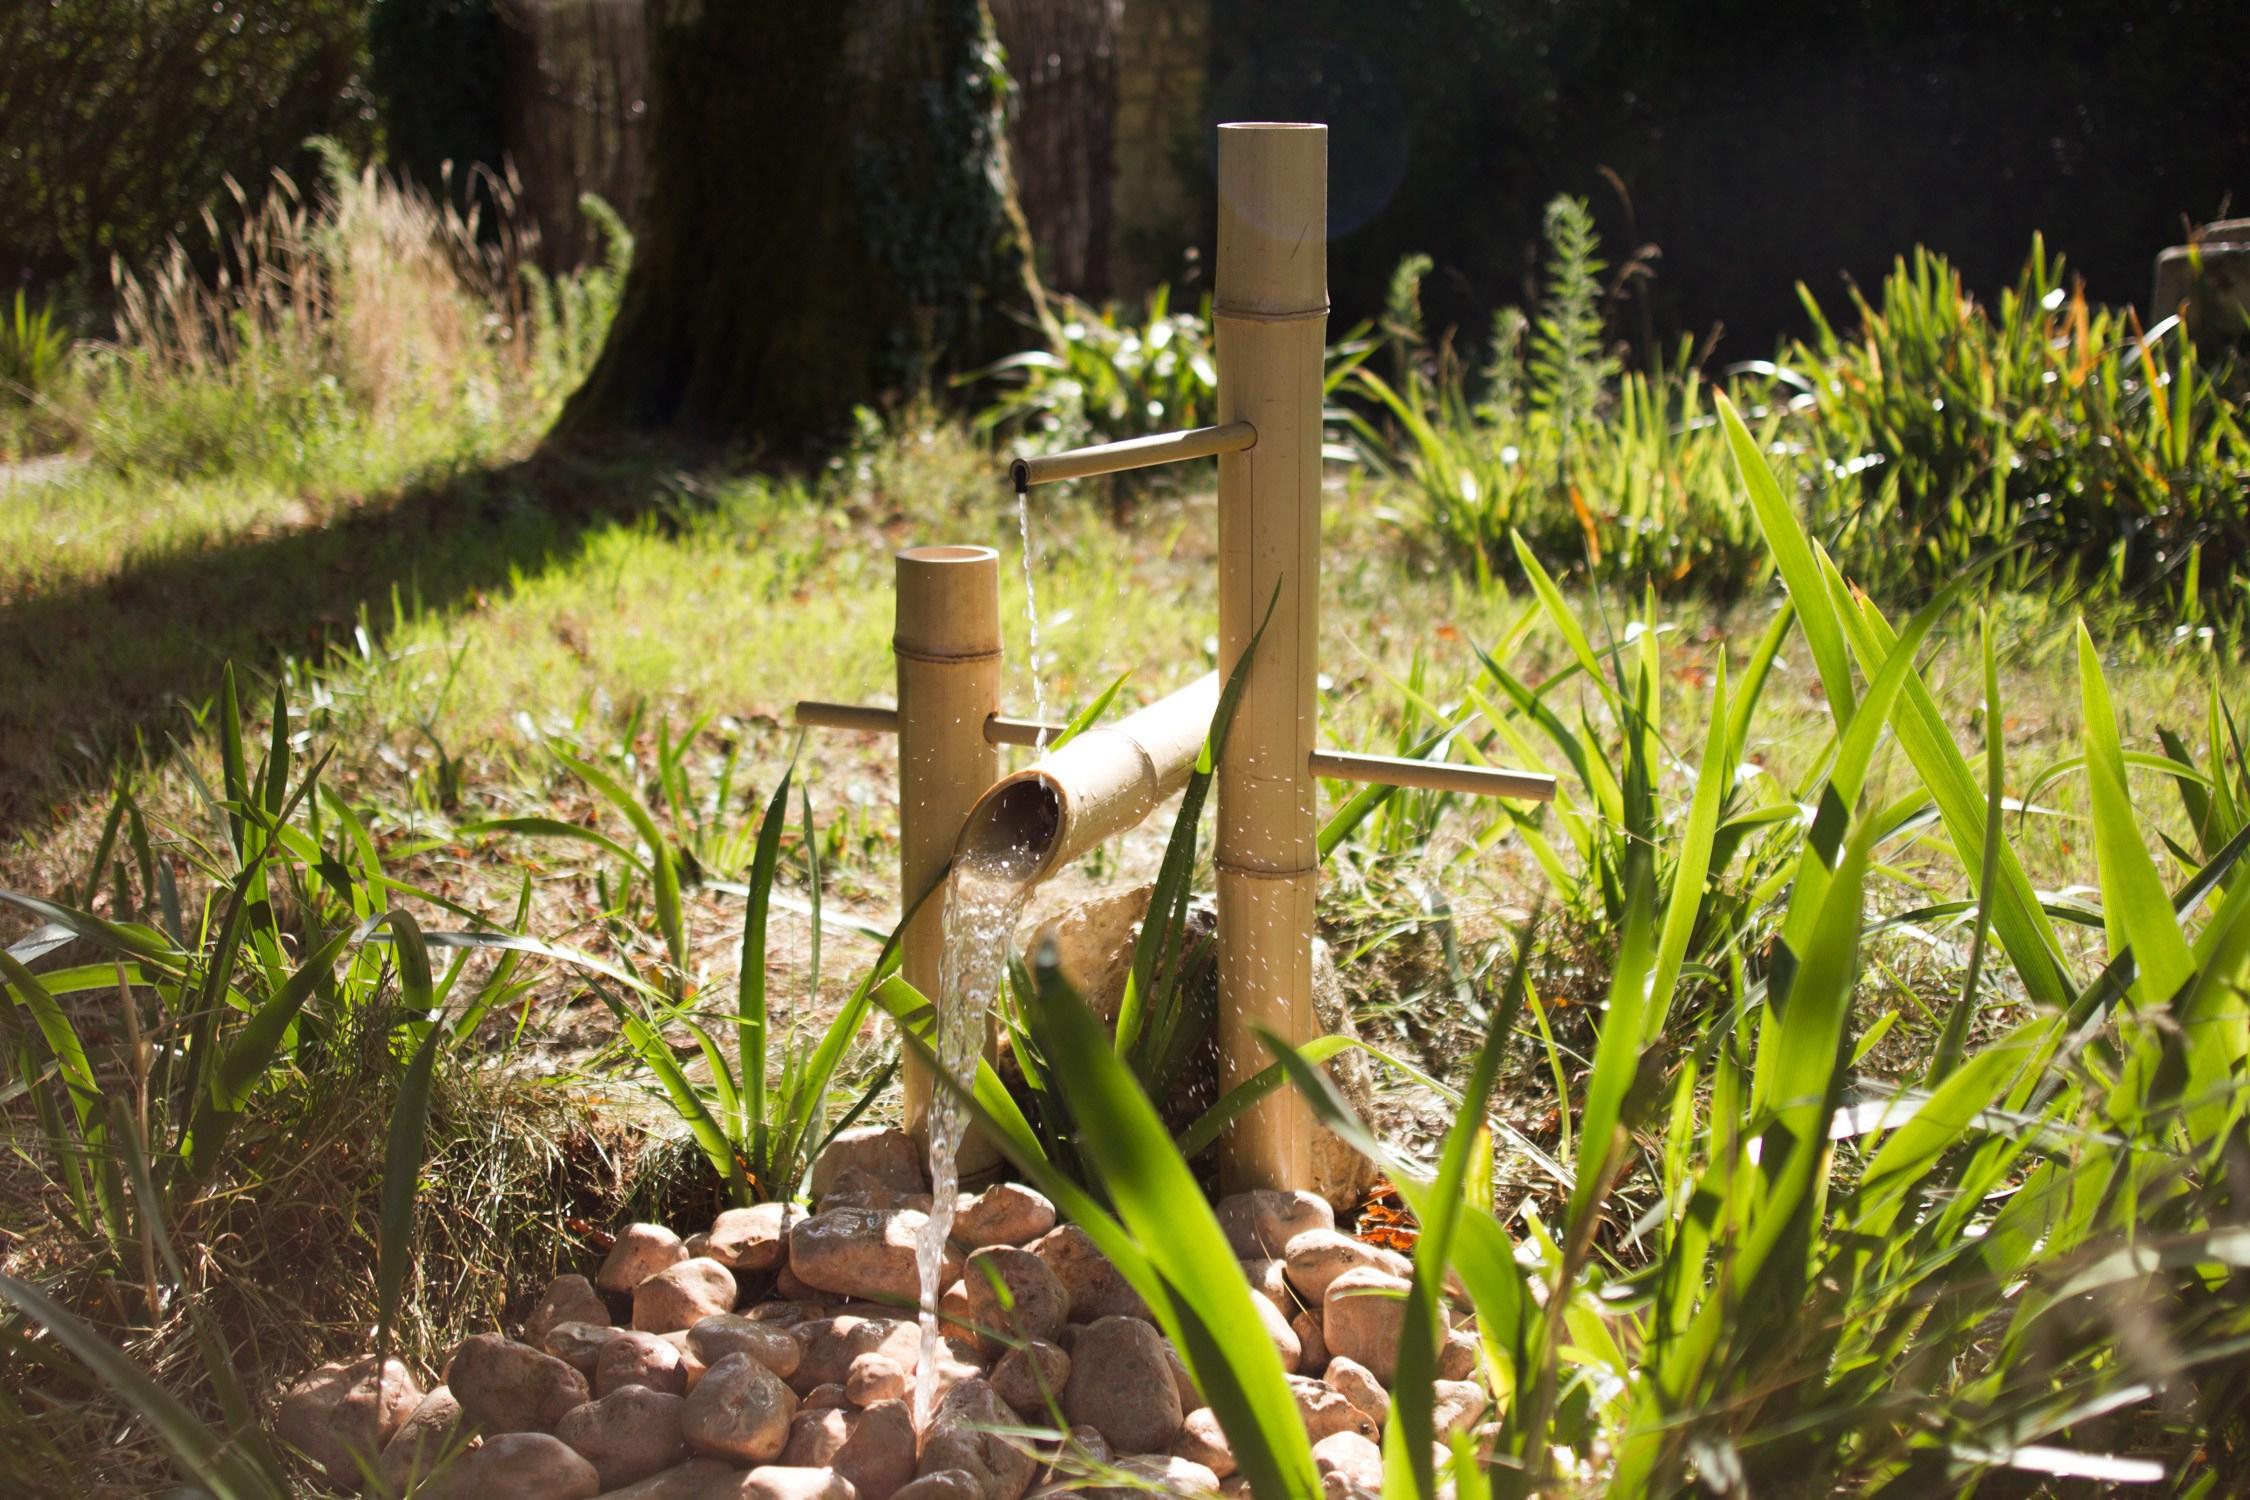 Fontaine Jardin Japonais Jardin Zen Fabriquer Une Fontaine ... dedans Fabriquer Une Fontaine De Jardin